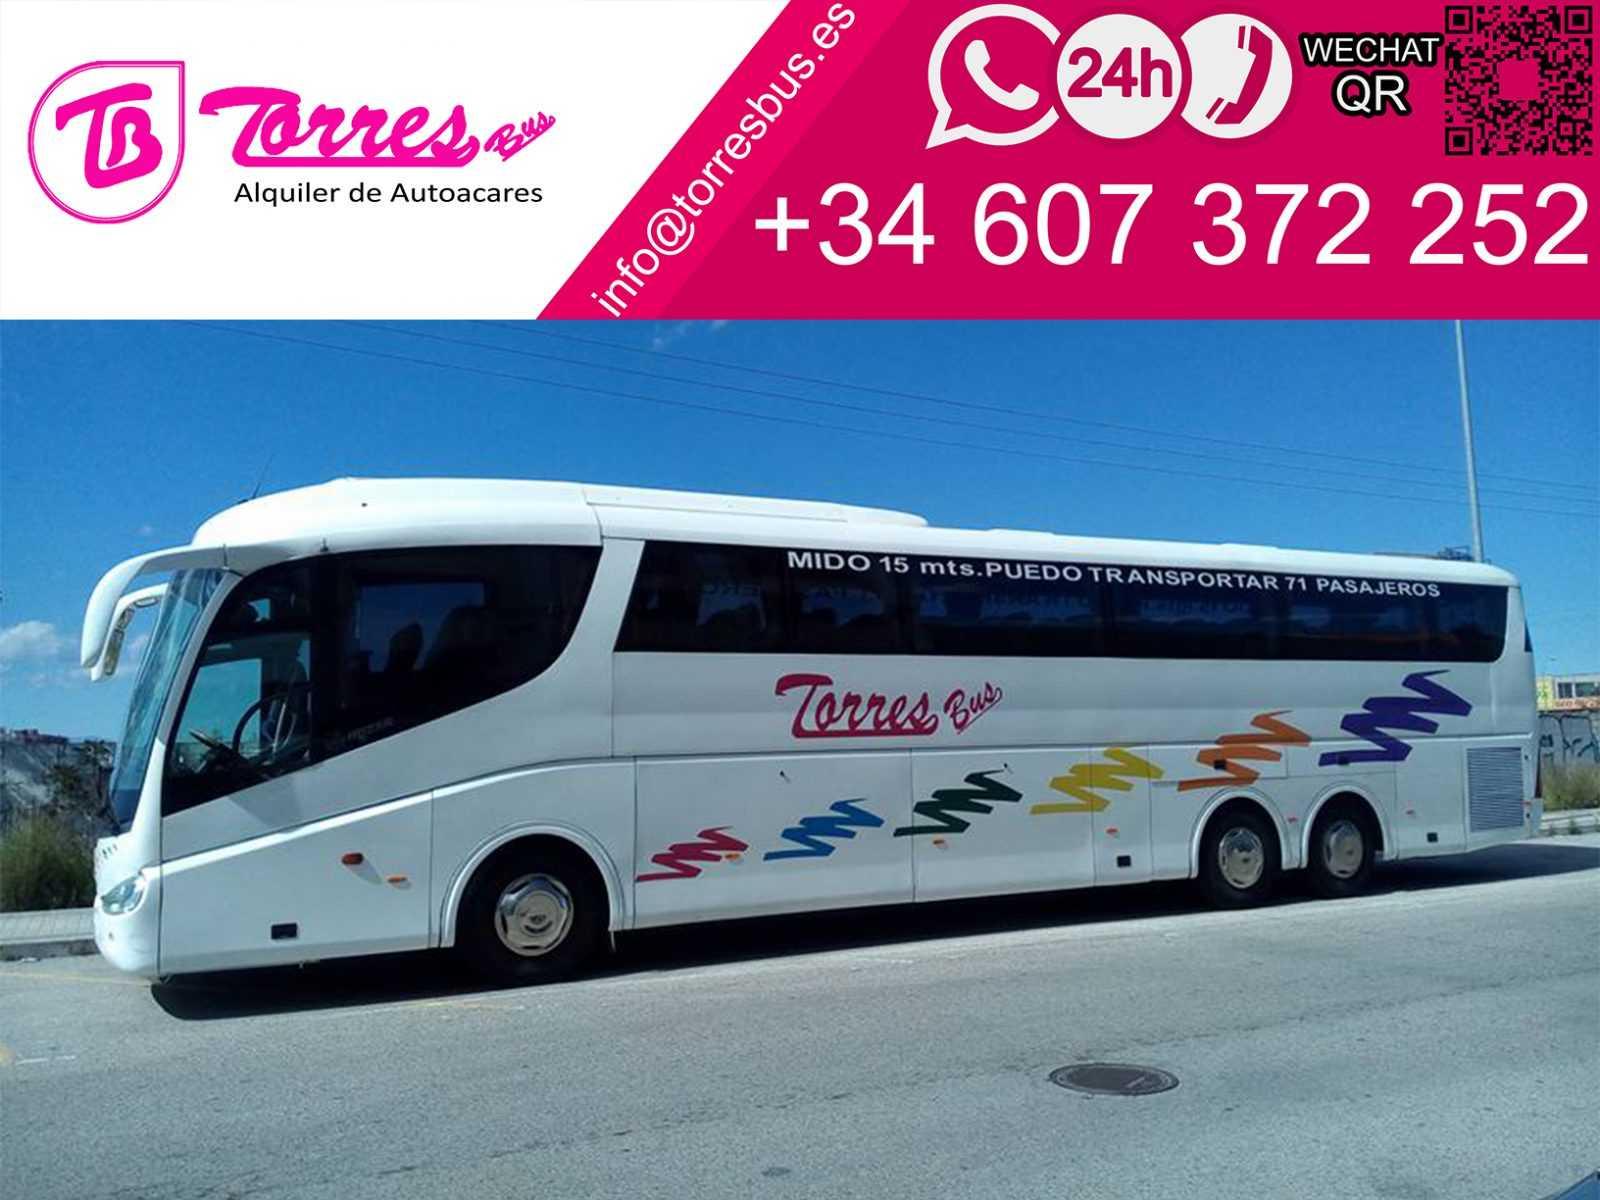 autocar de închiriere autocar 70 plazas madrid